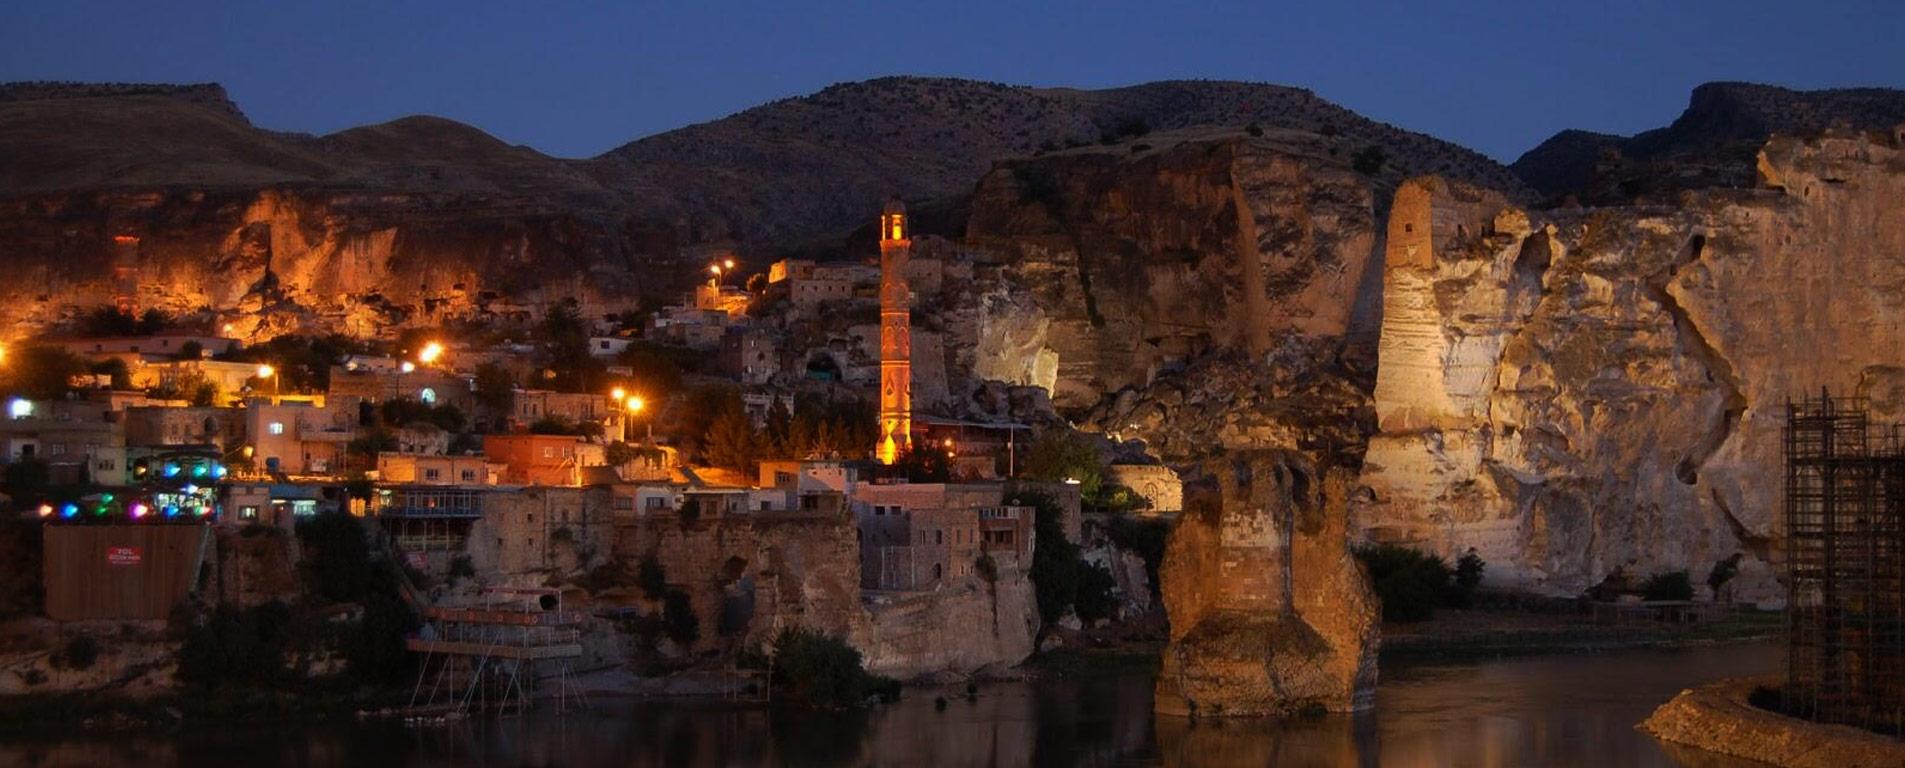 ارگ باستانی ترکیه